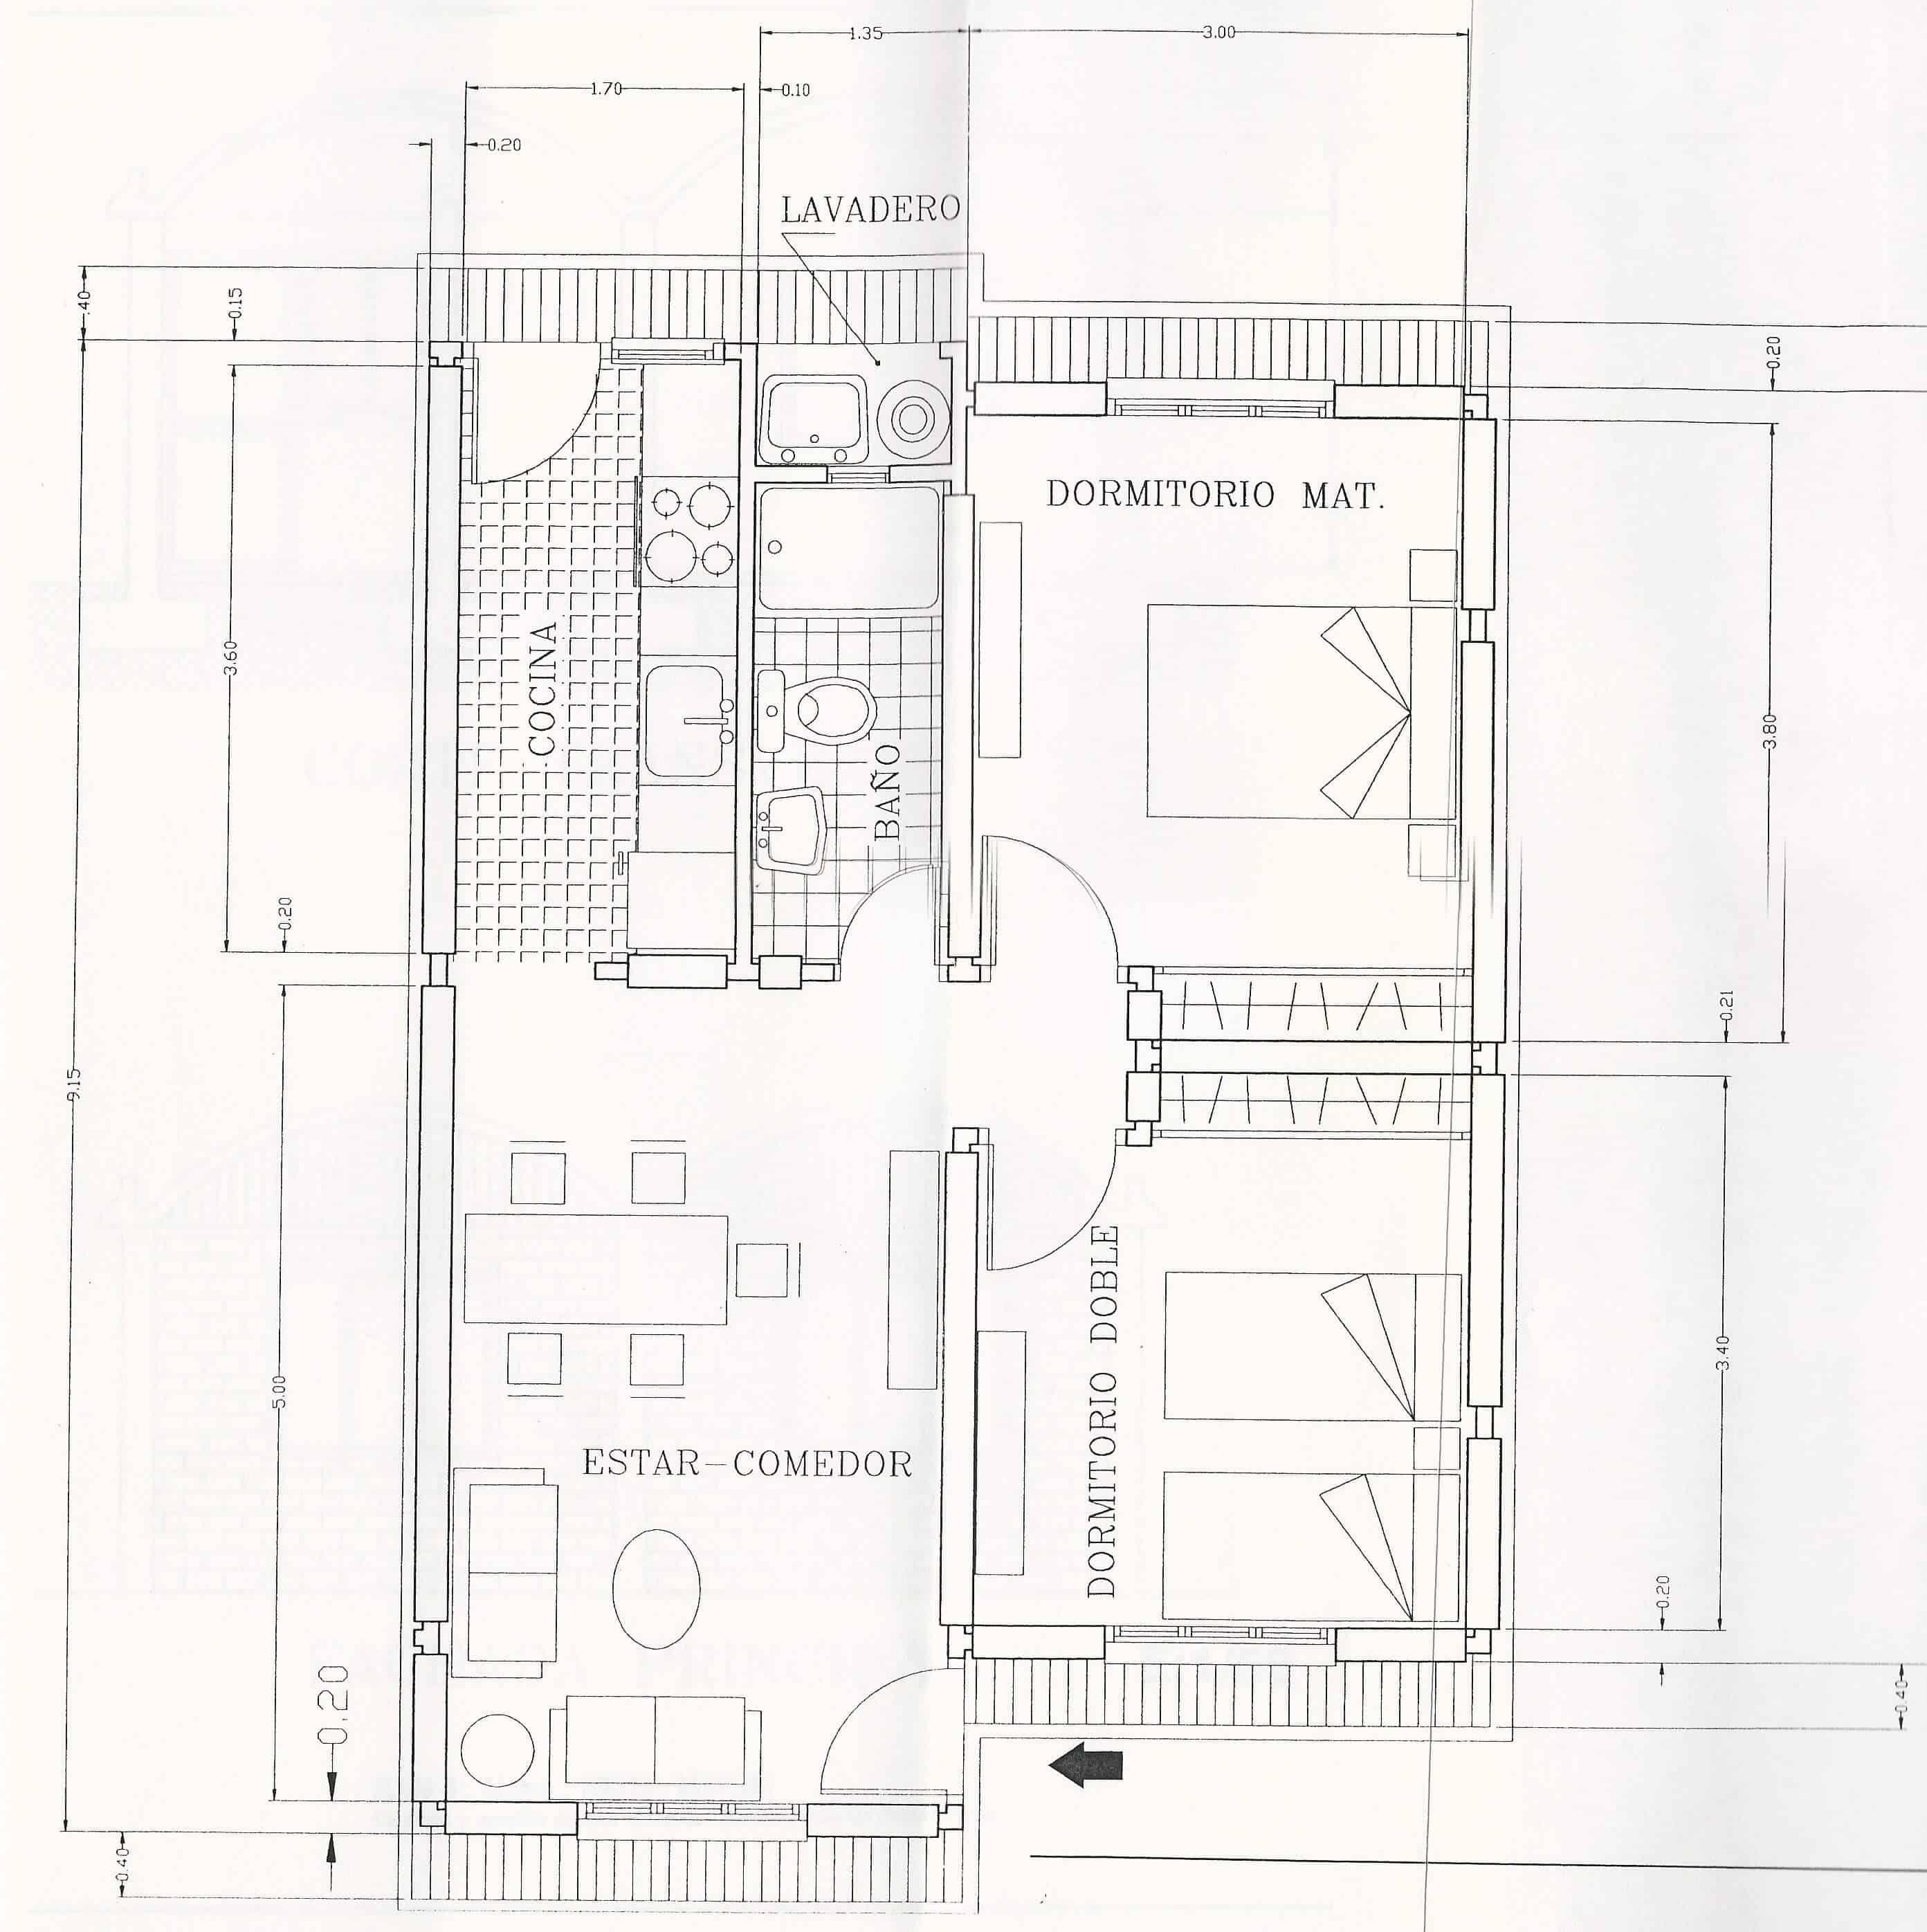 vivienda autoconstruccion mendoza plano planta tipo